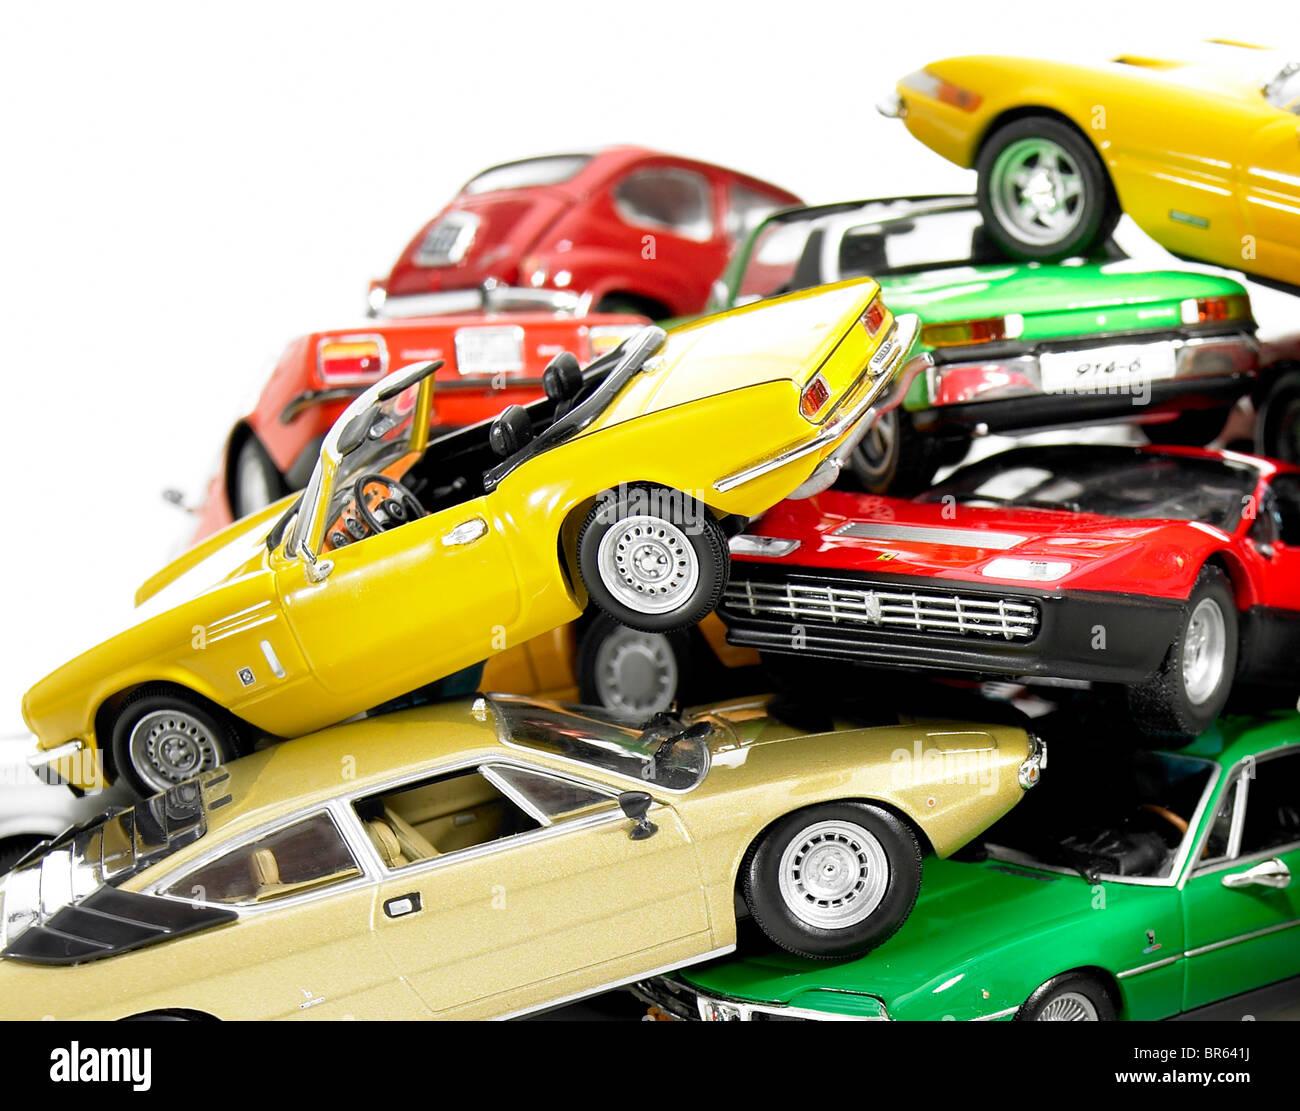 großaufnahme, Haufen von Miniatur-Modellen. Stockbild